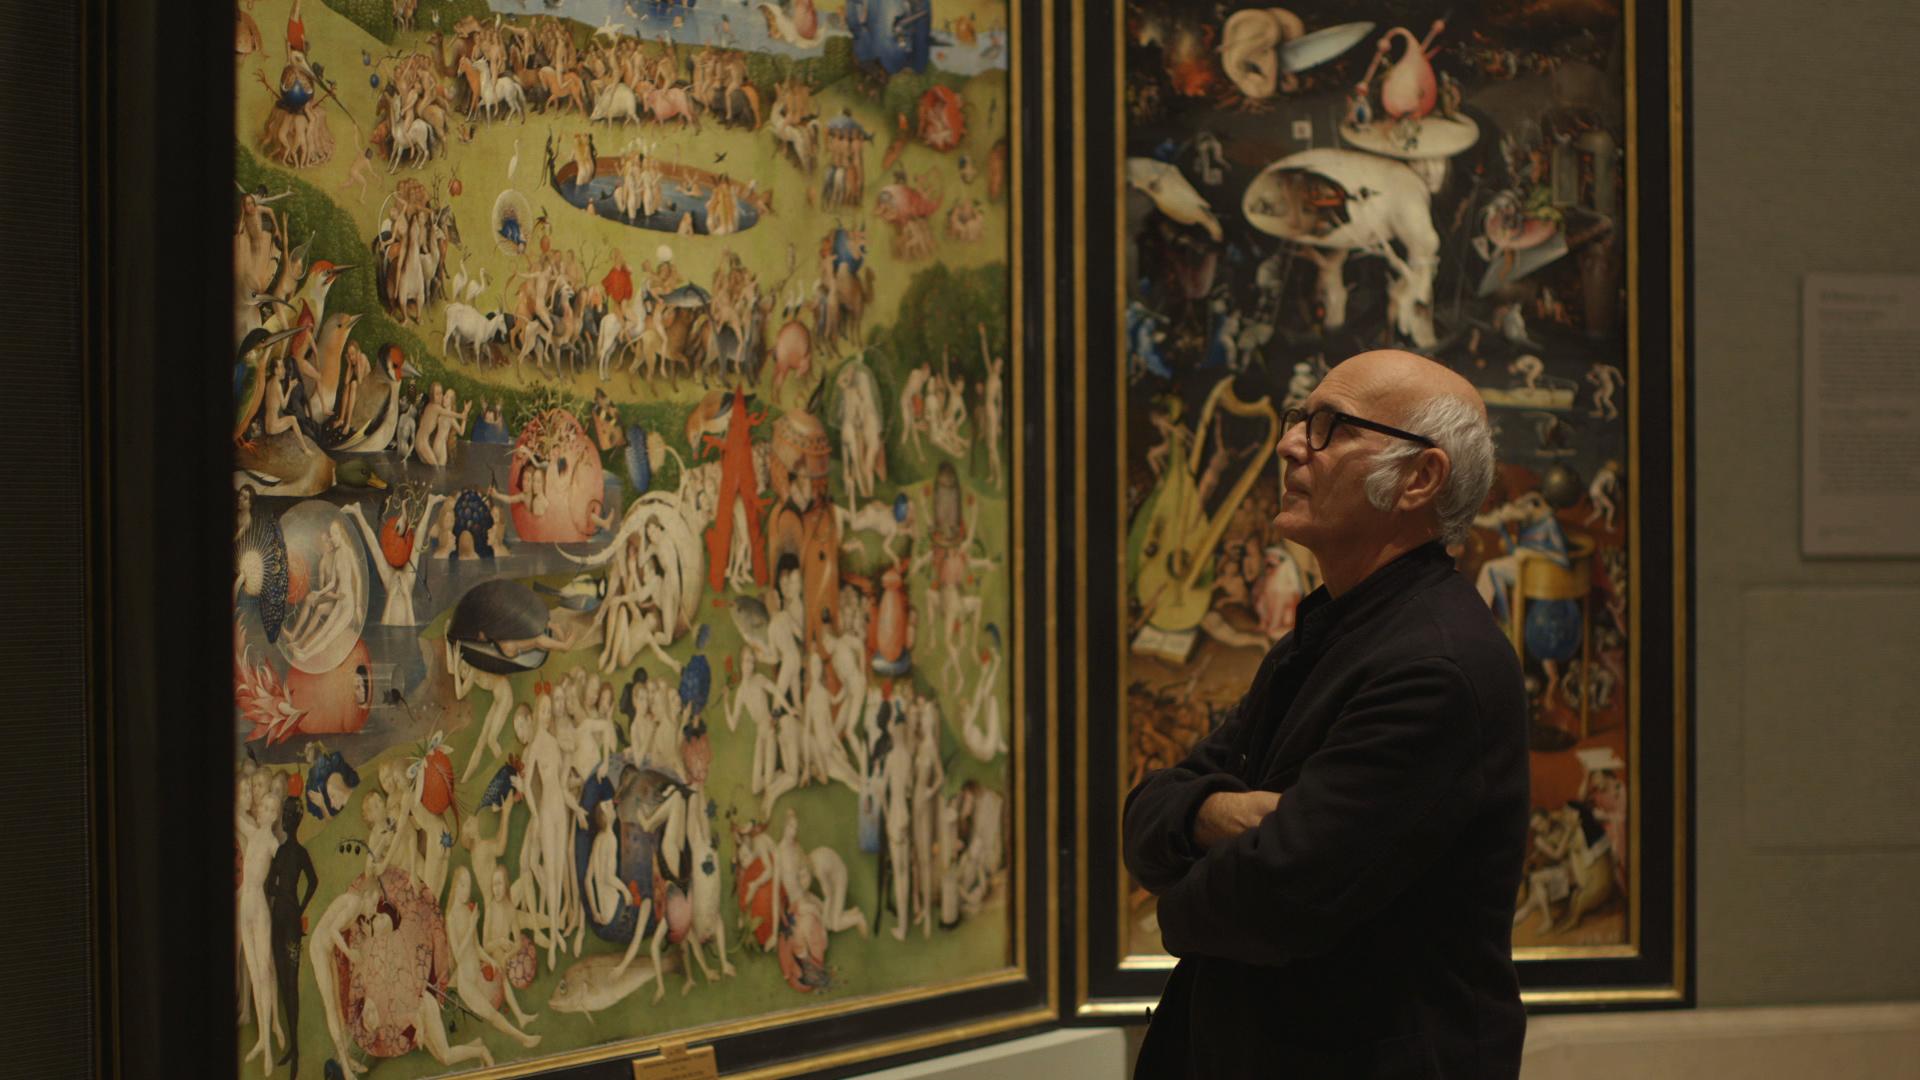 Ludovico Einaudi di fronte all'opera di Bosch